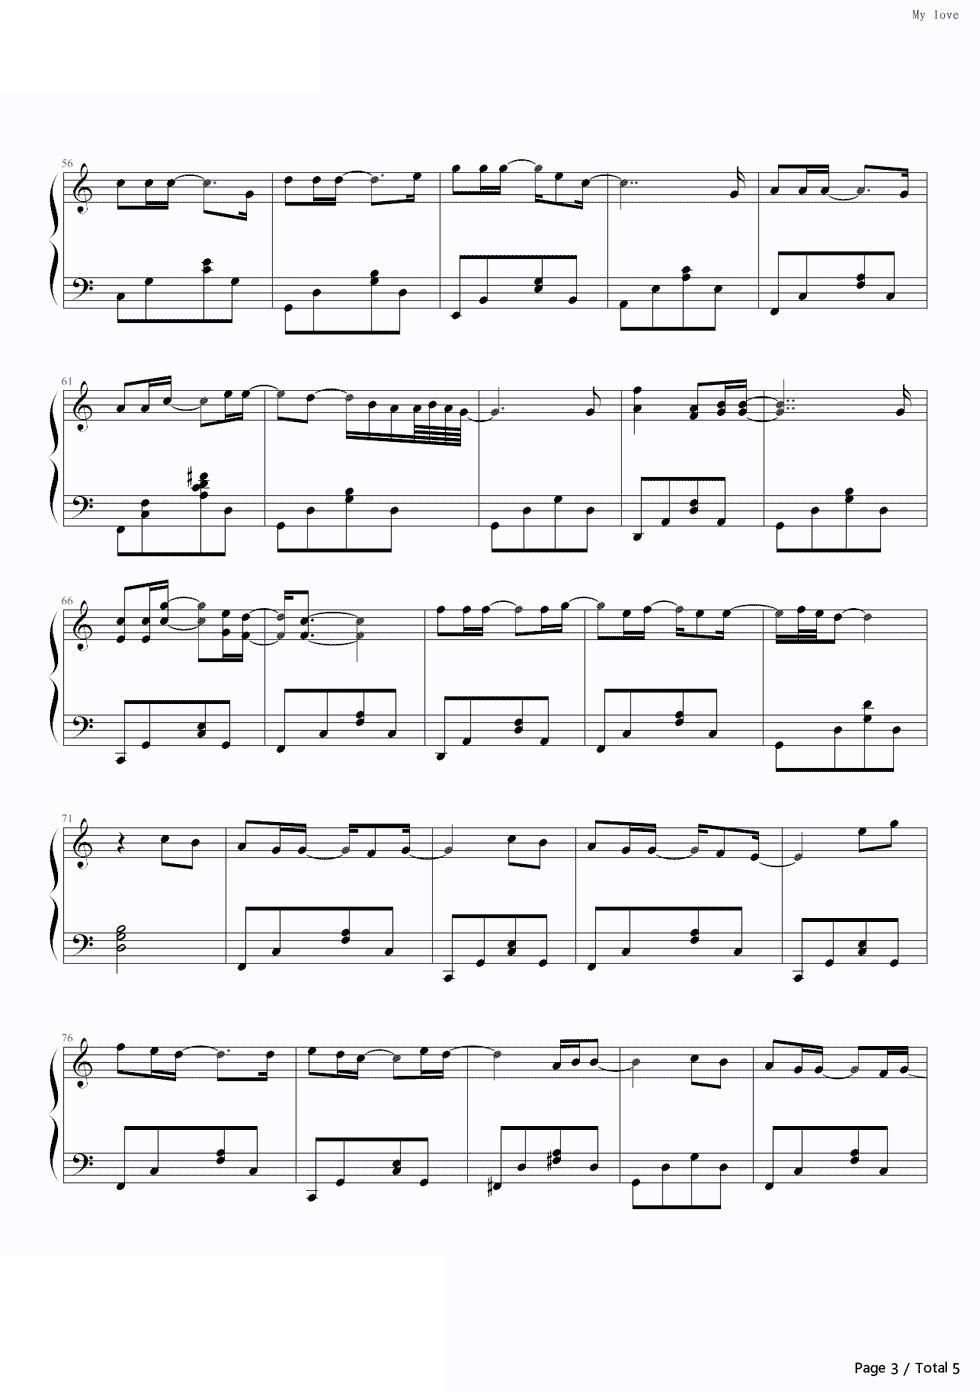 piano-sheet-may-love-westlife-3